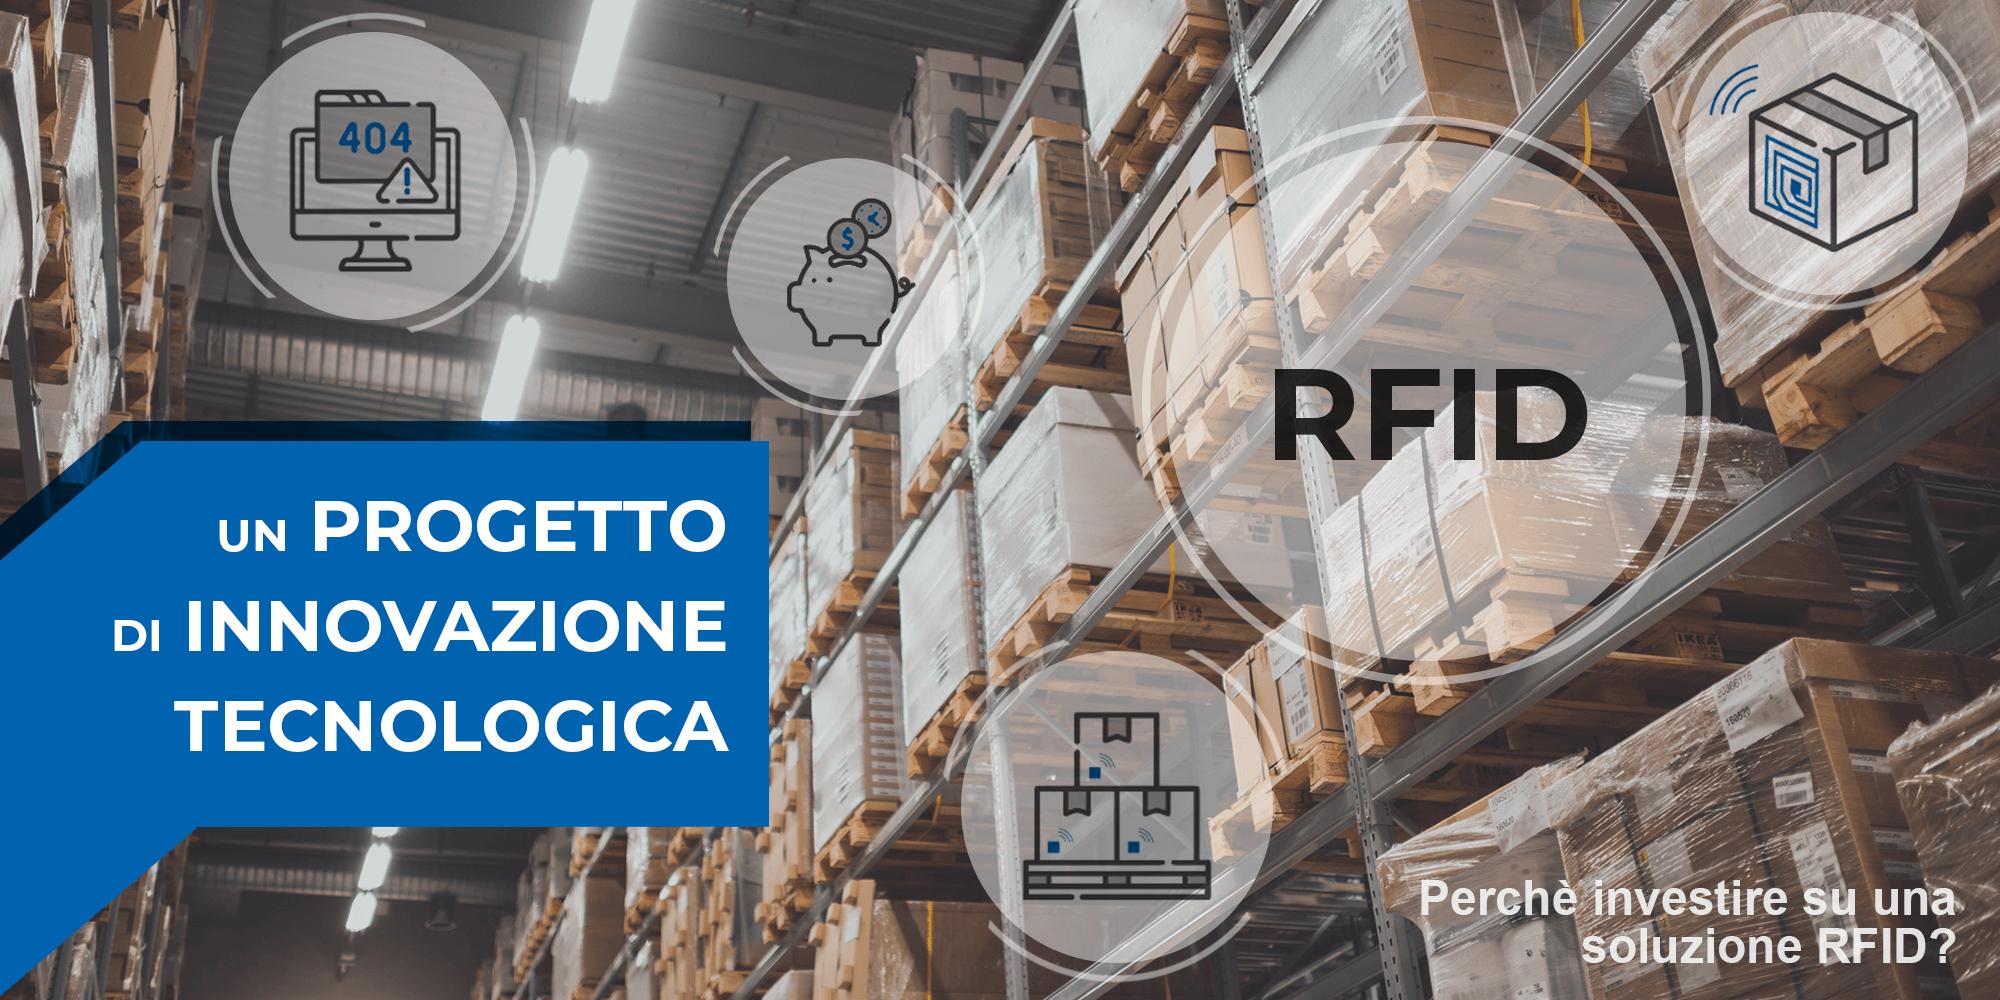 un progetto di innovazione tecnologica RFID